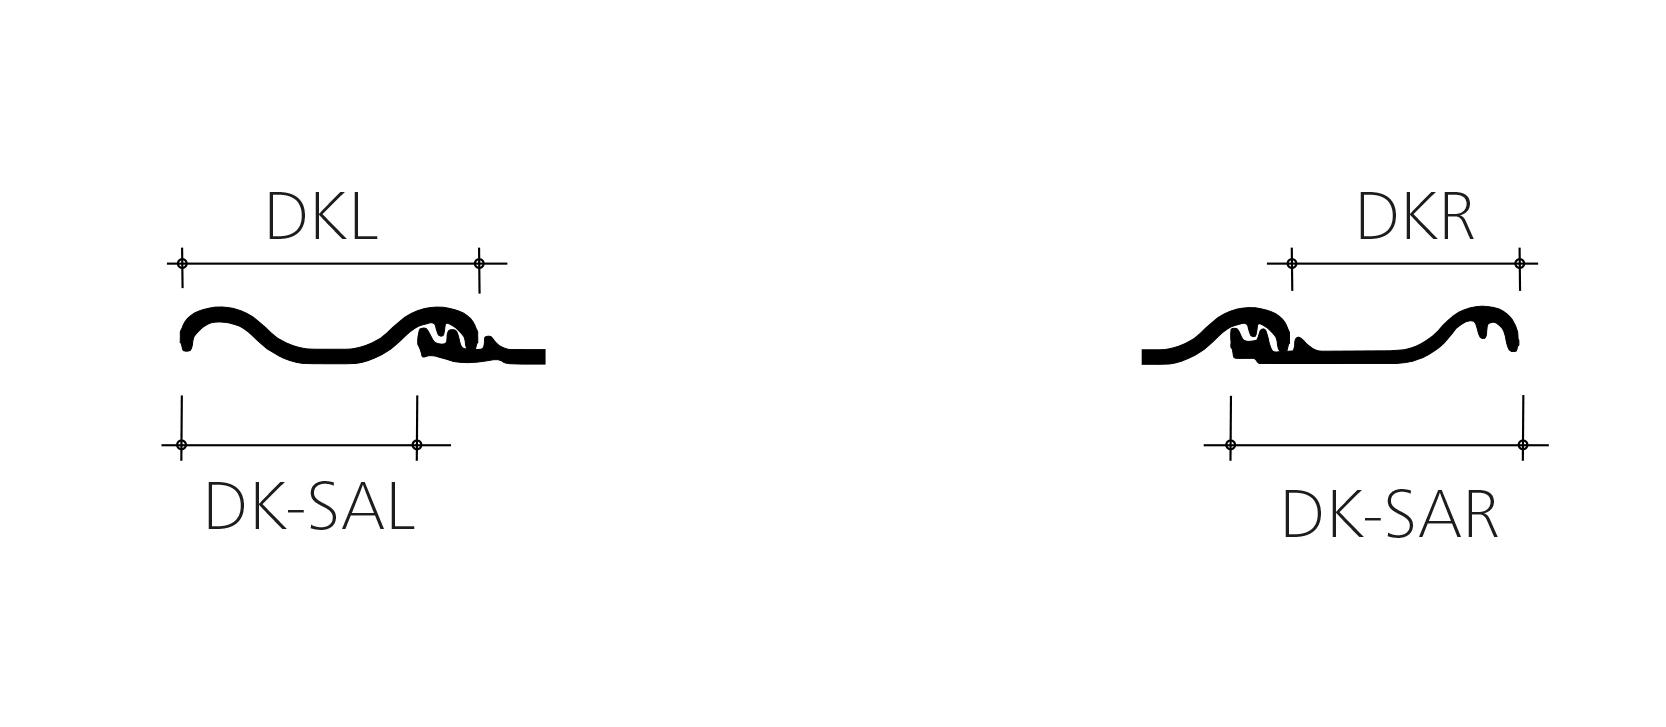 Tiefa XL TOP Ortgang technische Zeichnung